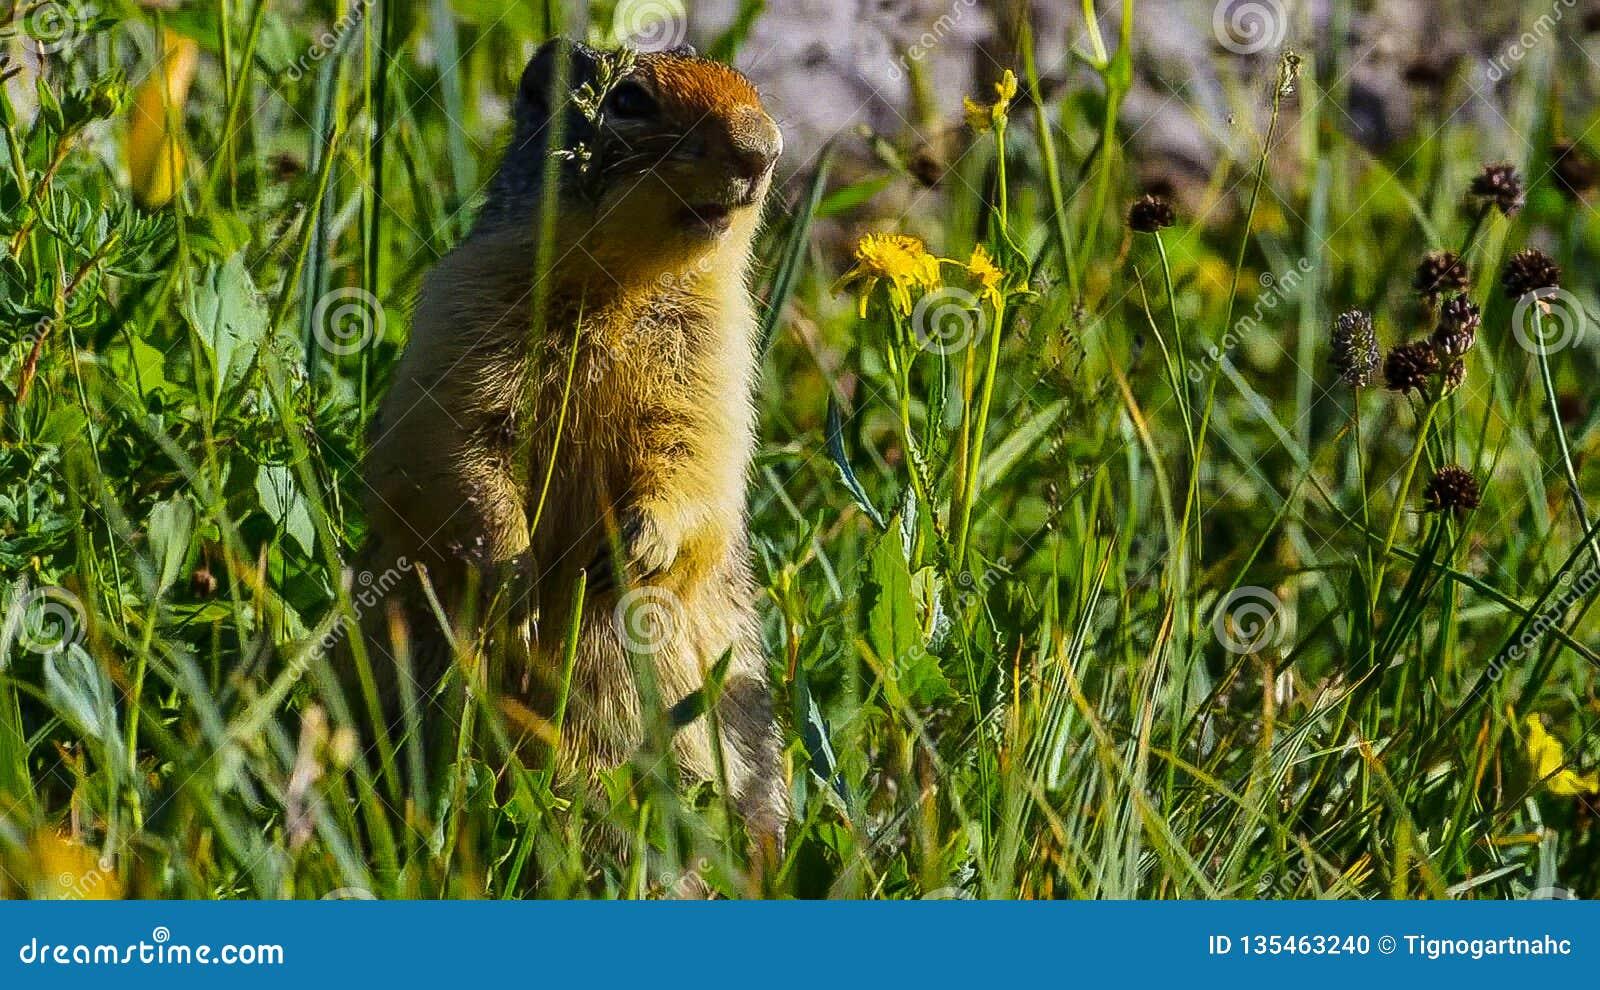 Высокогорный marmota Marmota сурка вид сурка найденный в горных областях централи и Южной Европы